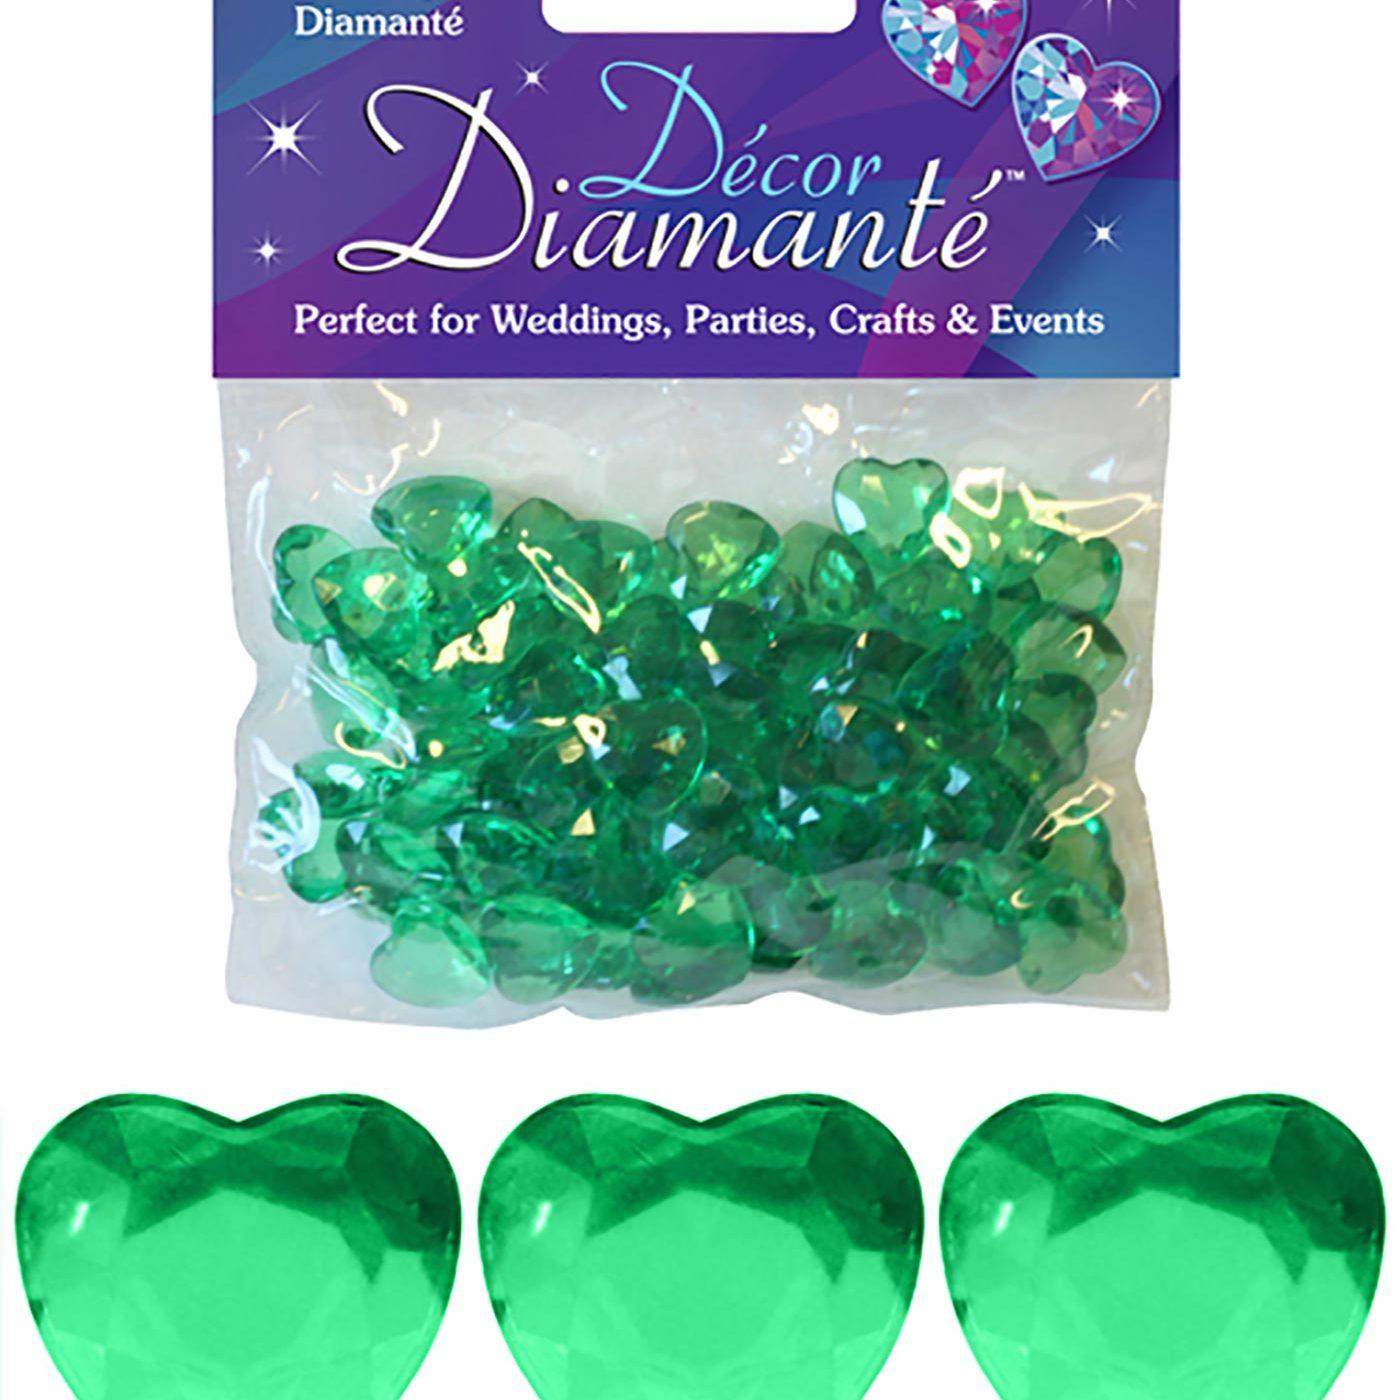 12mm Décor Diamante Double Faced Heart 28g No.15 Emerald